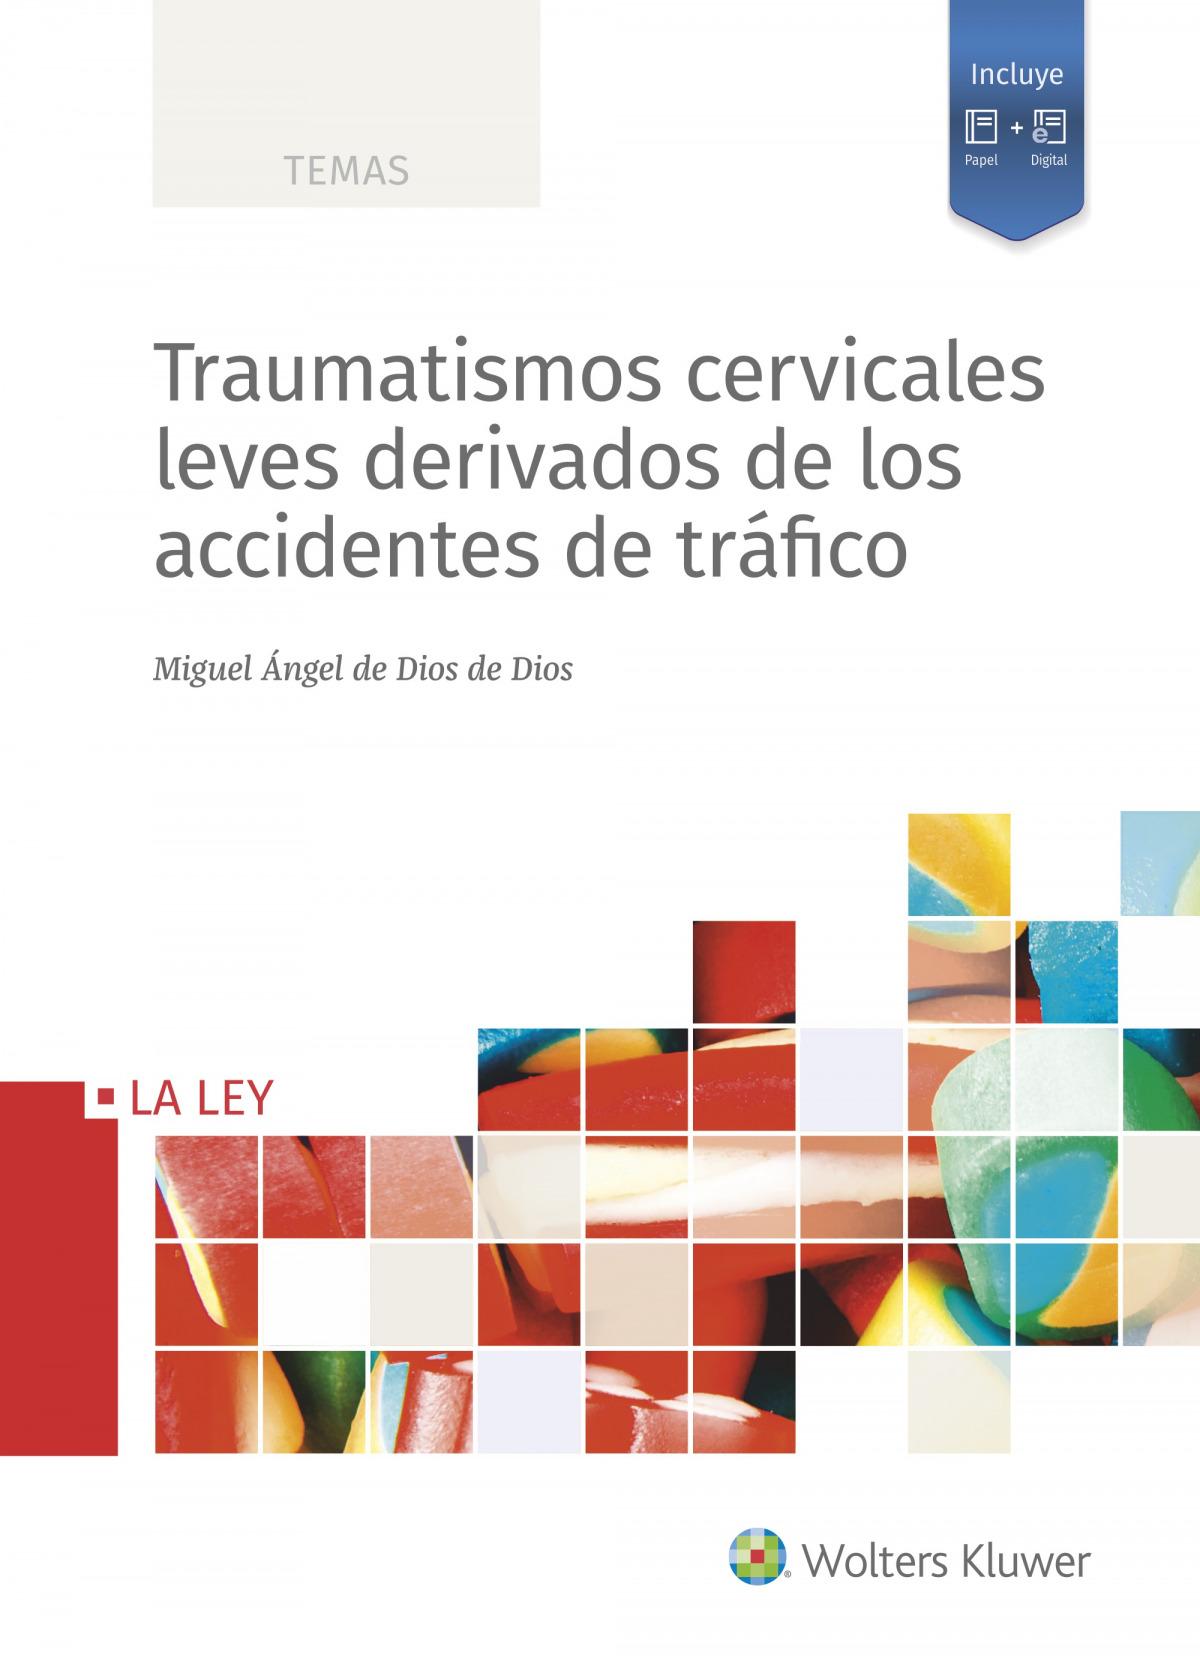 Traumatismos cervicales leves derivados de los accidentes de tráfico